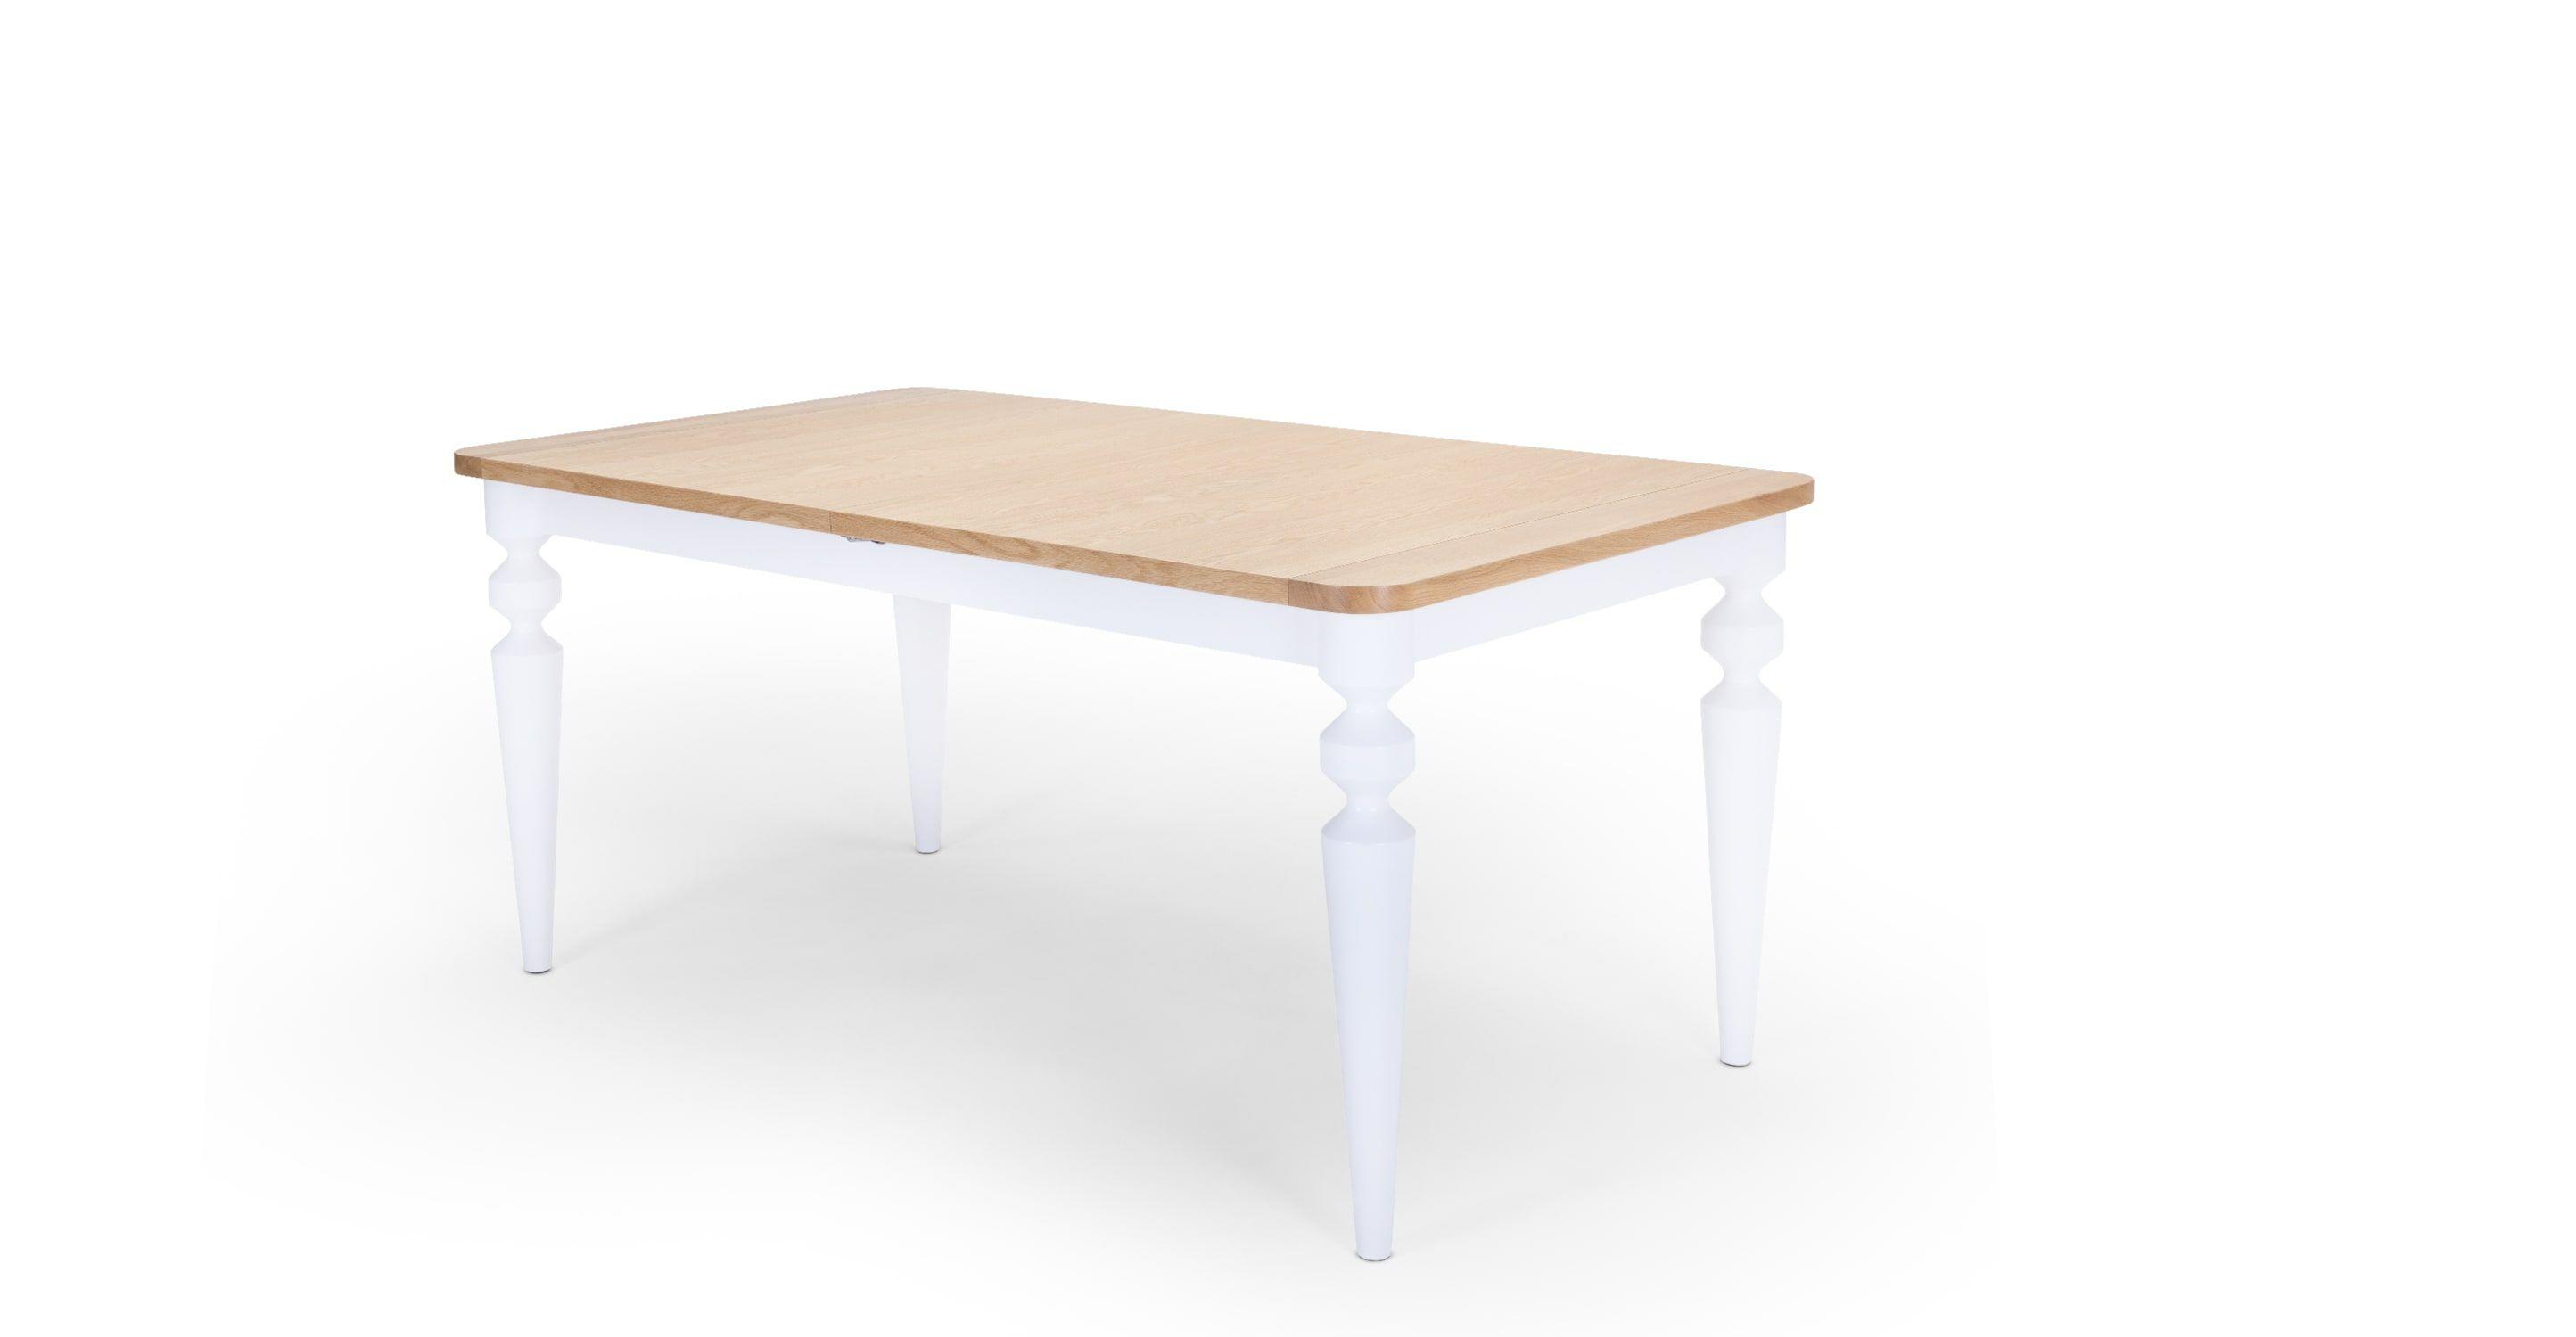 betty uitschuifbare eettafel, wit | tische und esstische, Esstisch ideennn